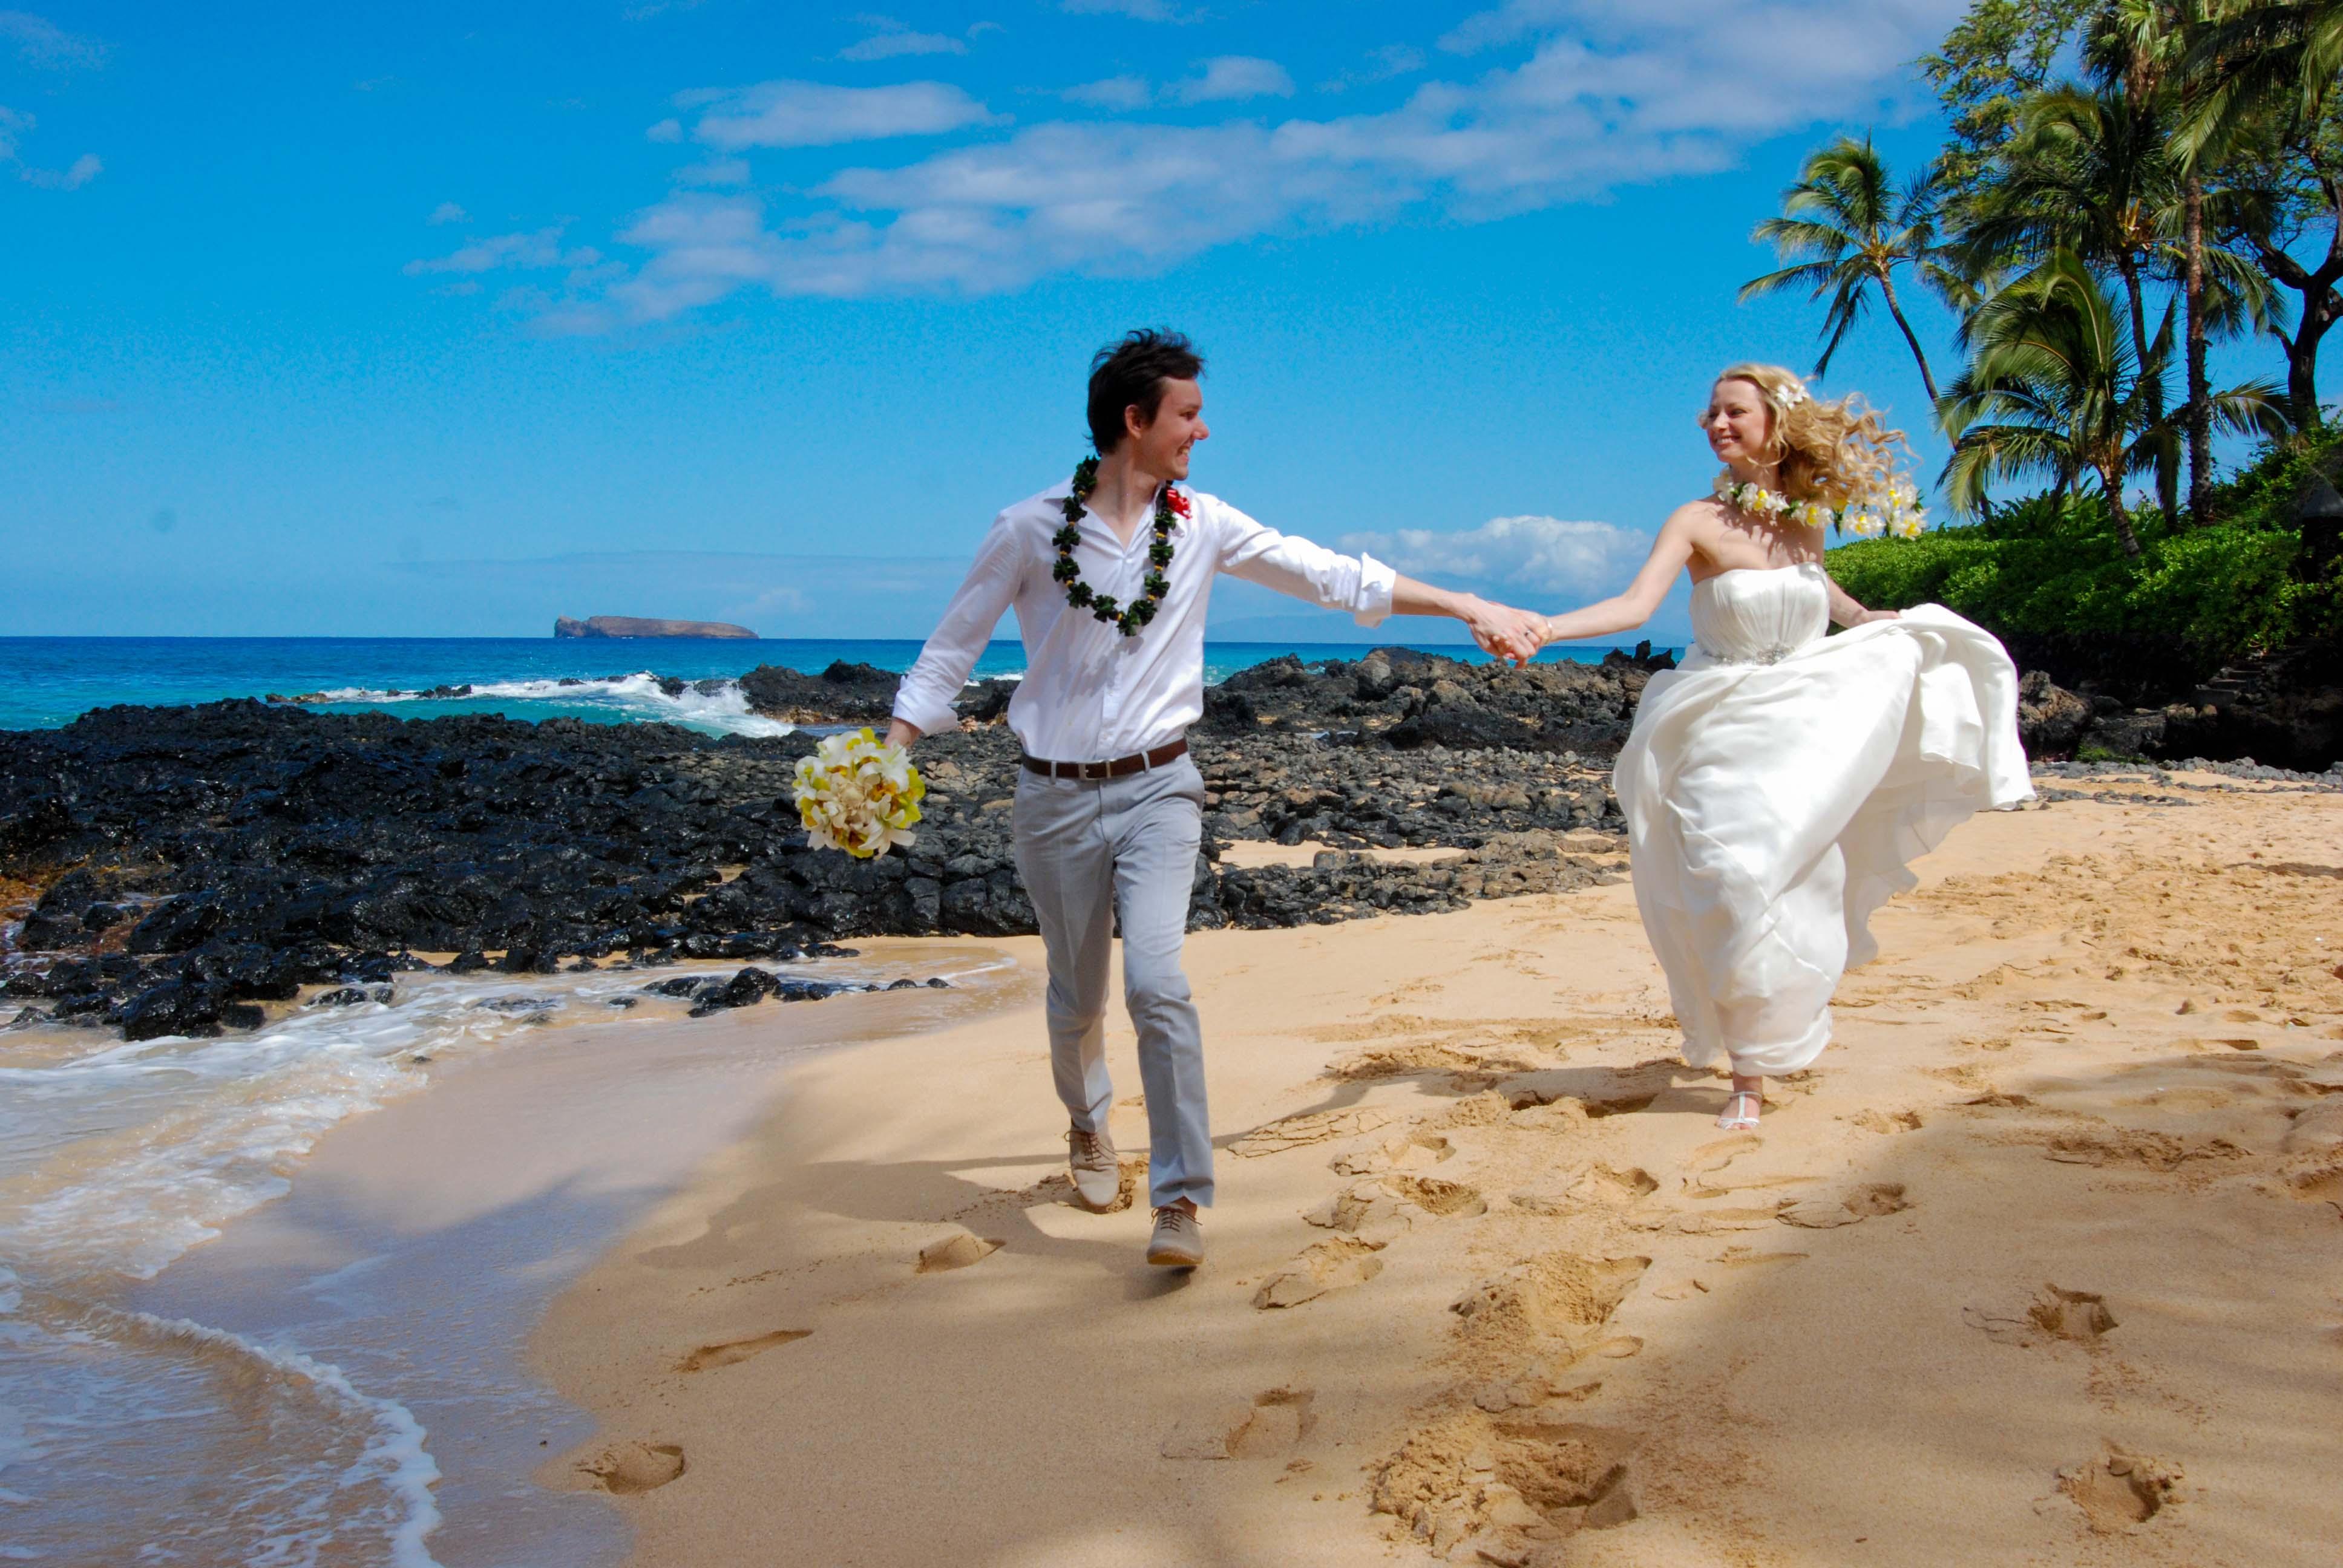 856d32100b Maui Vow Renewals and Barefoot Maui Weddings Trash the Dress photo ...